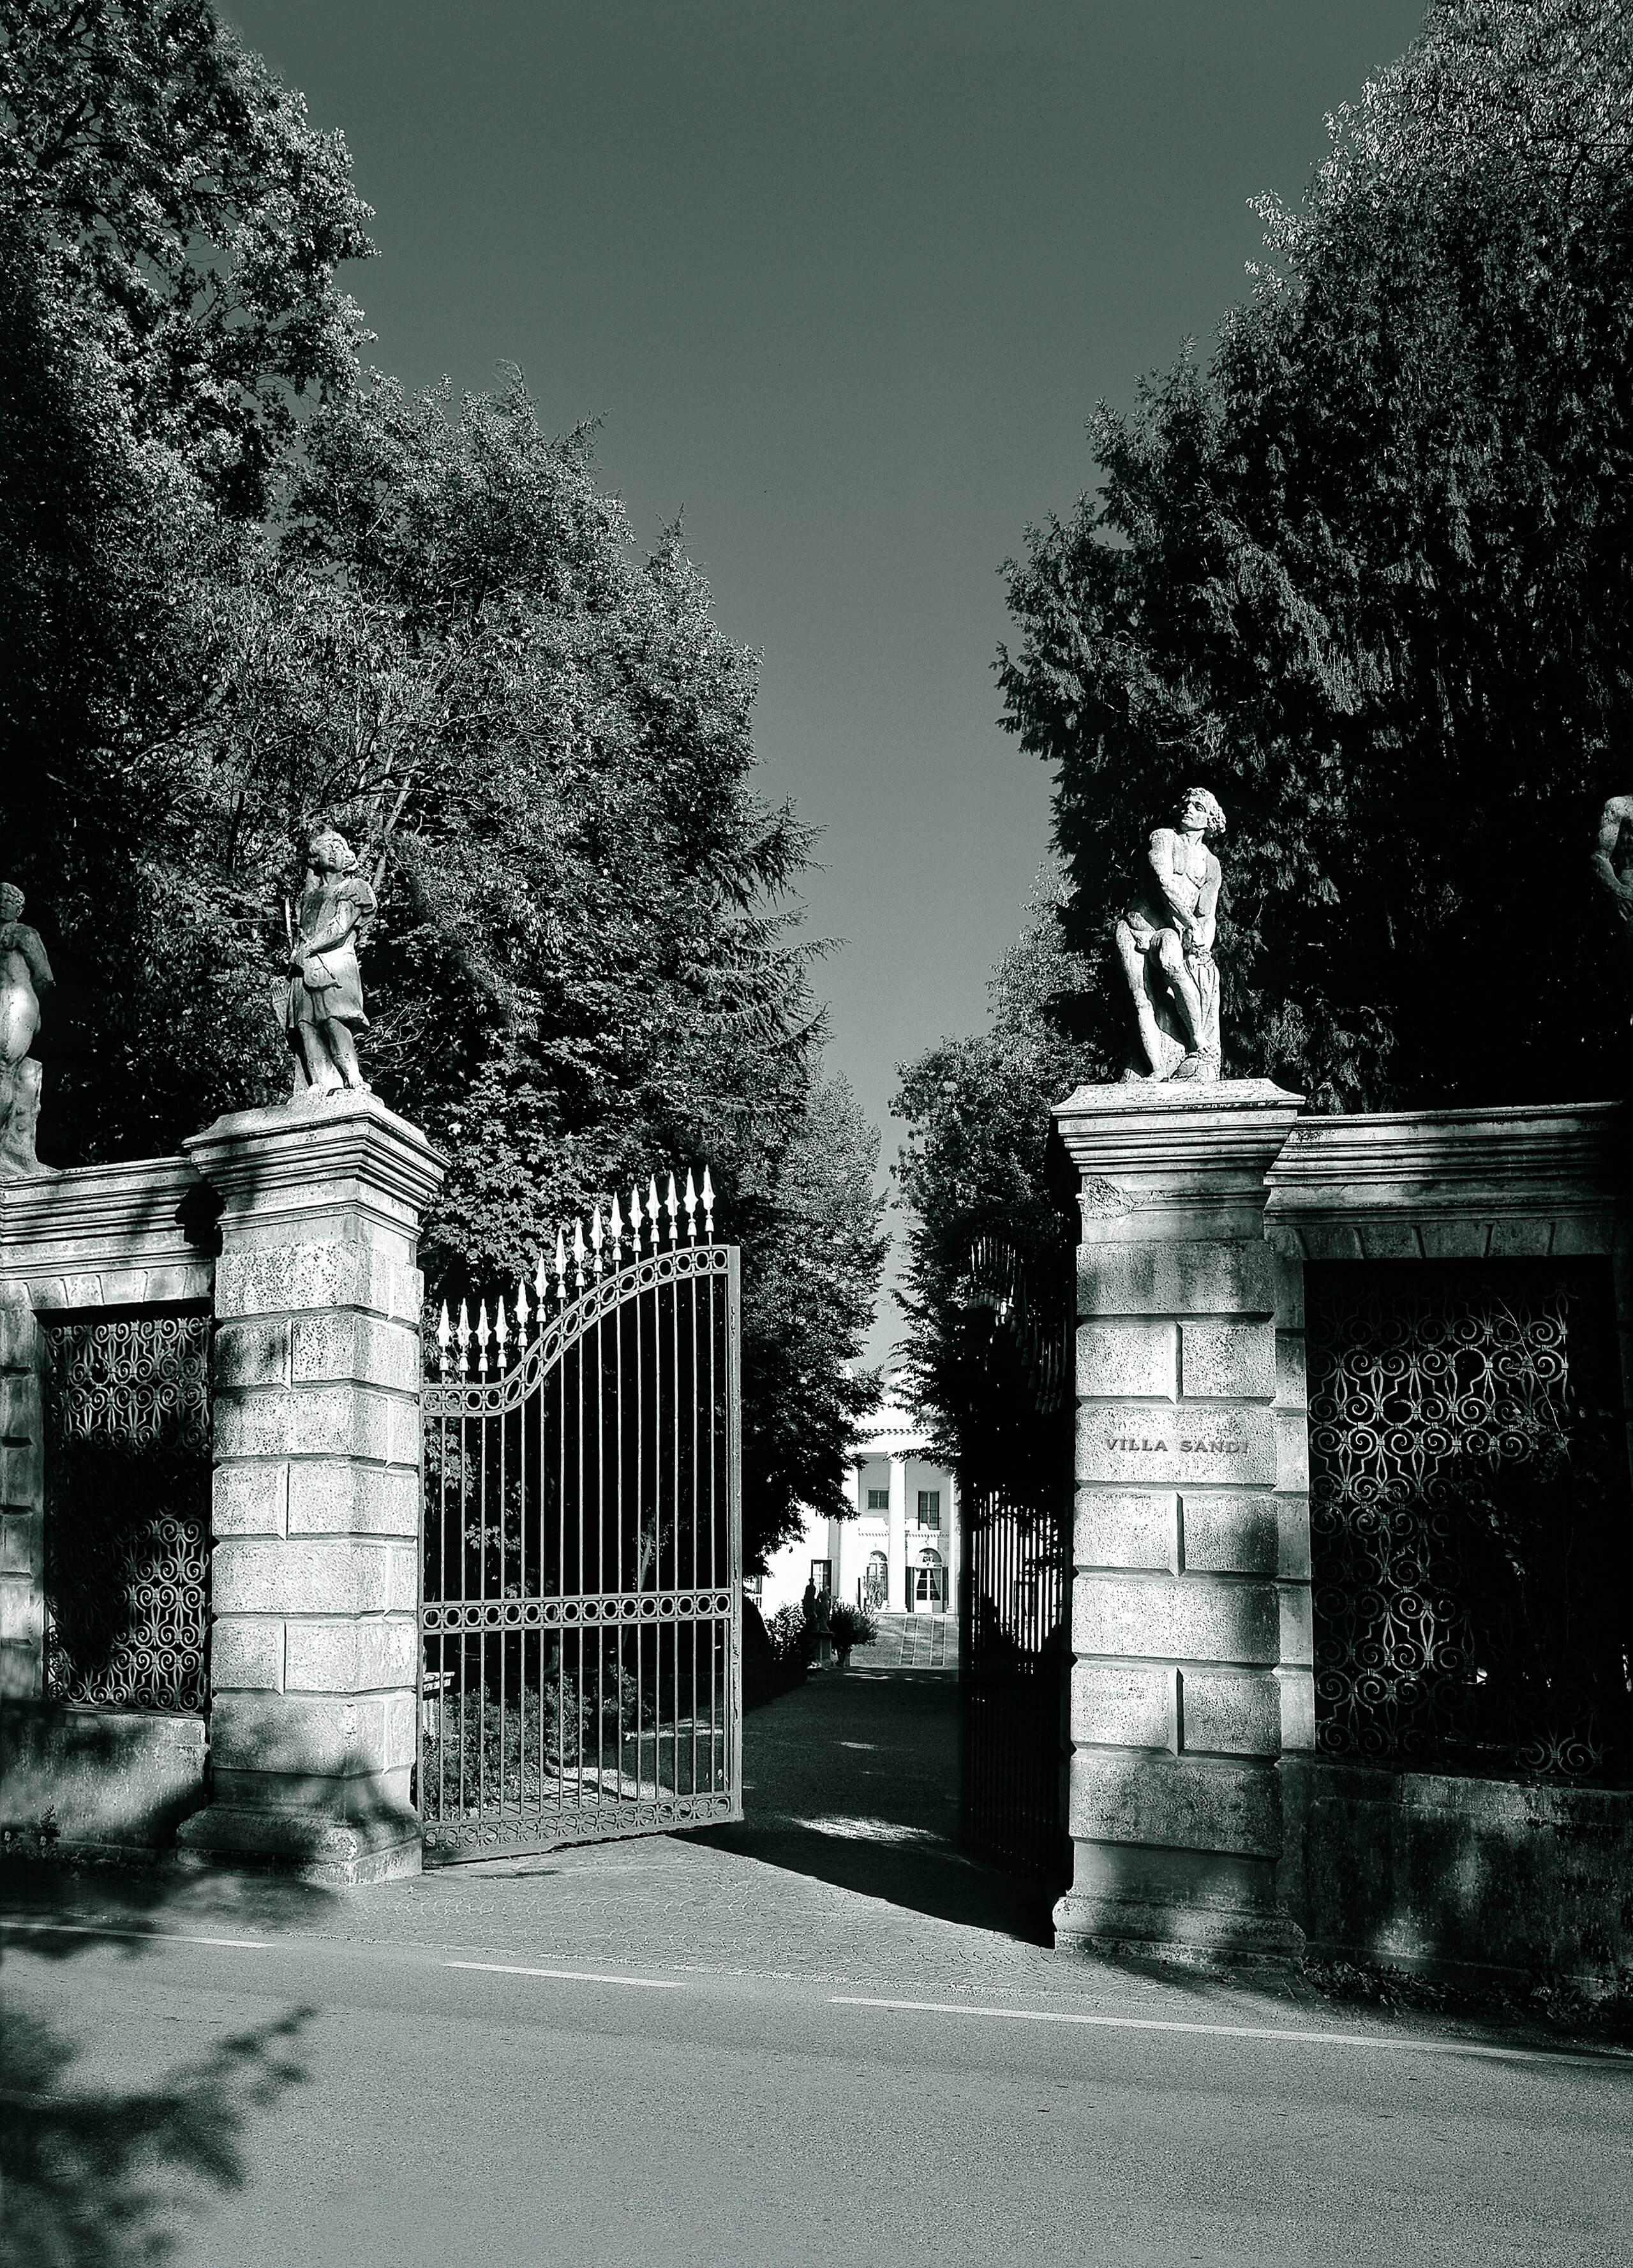 Cancello Villa Sandi